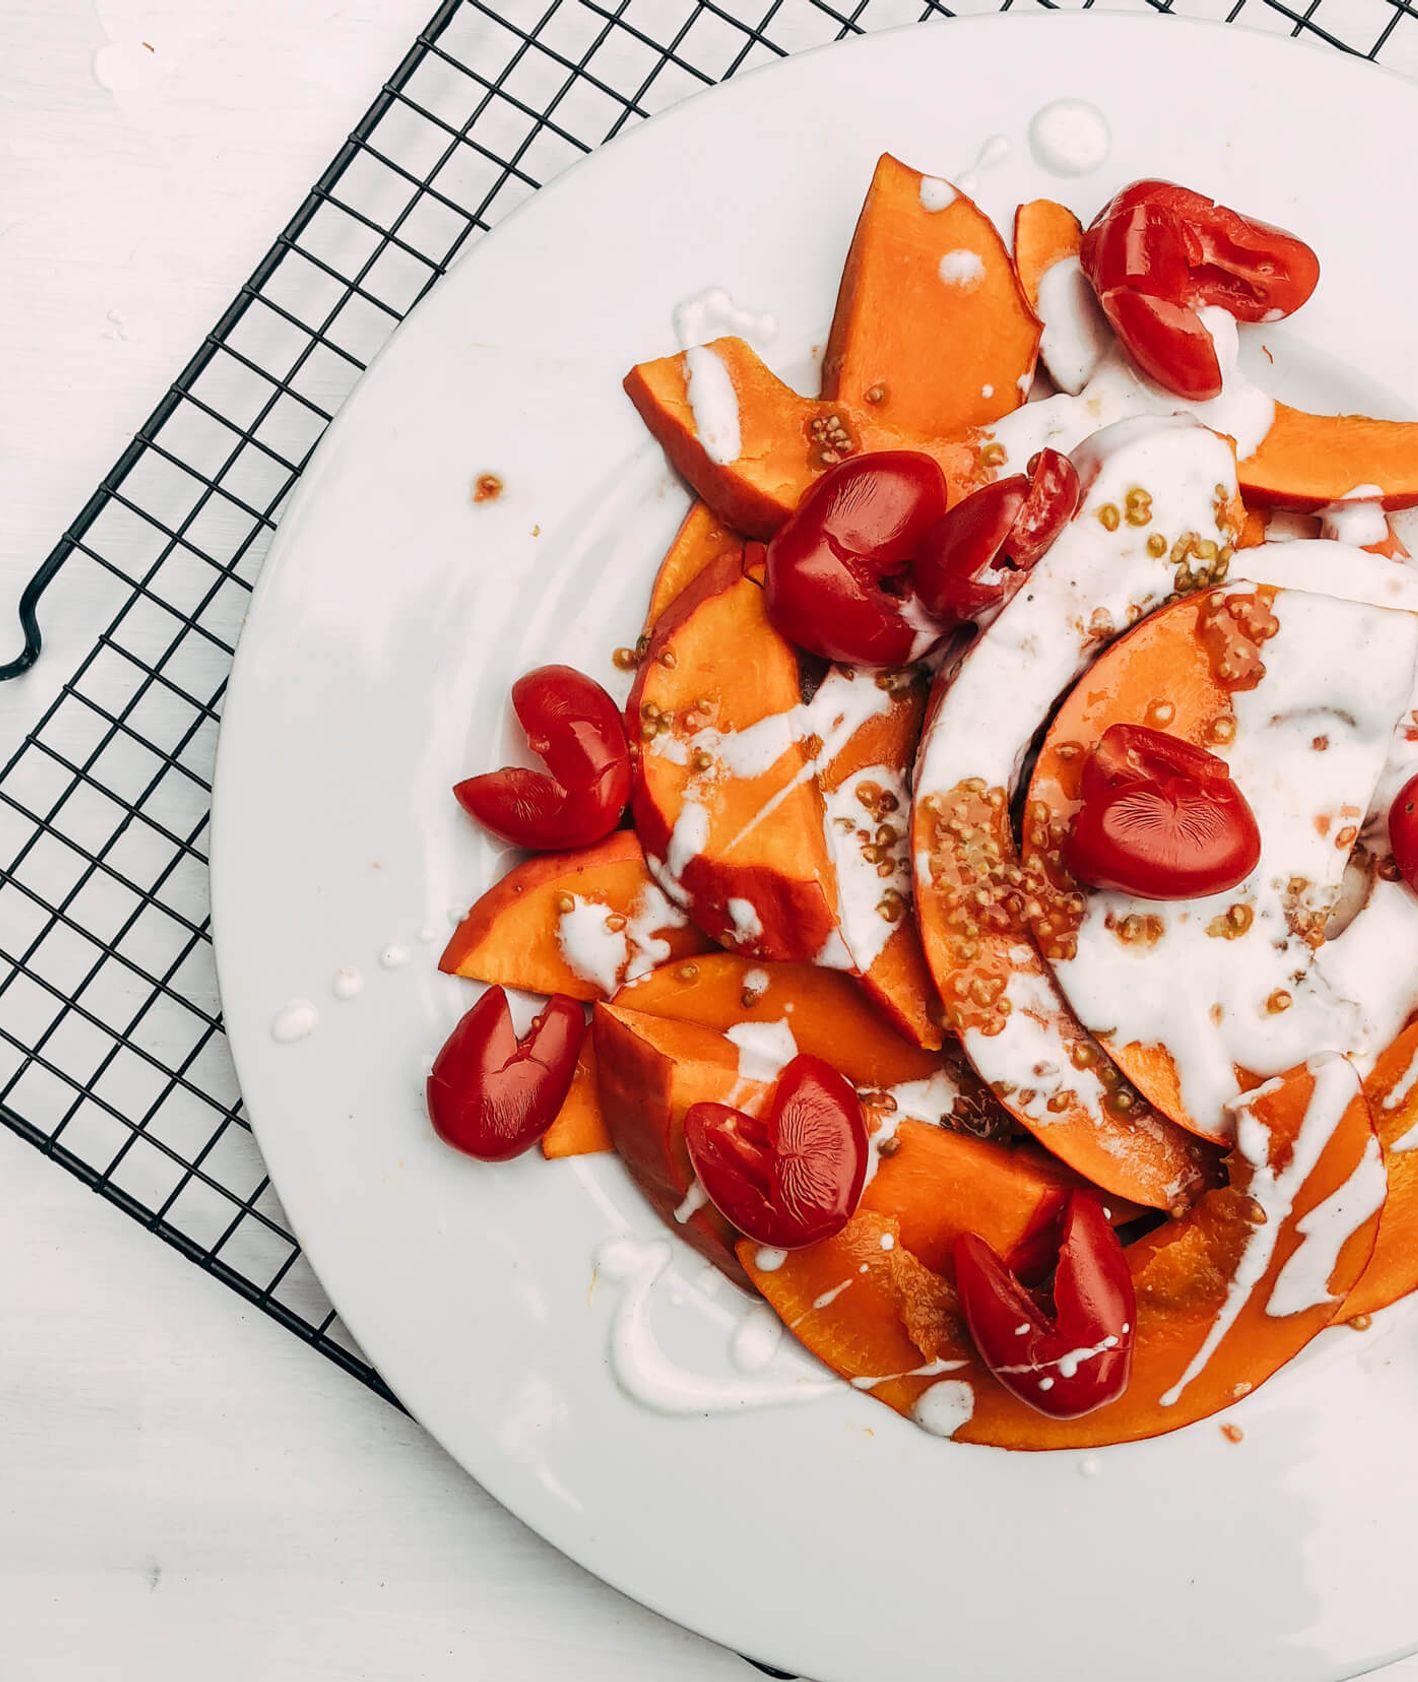 dynia hokkaido z kardamonowym jogurtem i pomidorkami cherry (fot. Zuza Rożek)